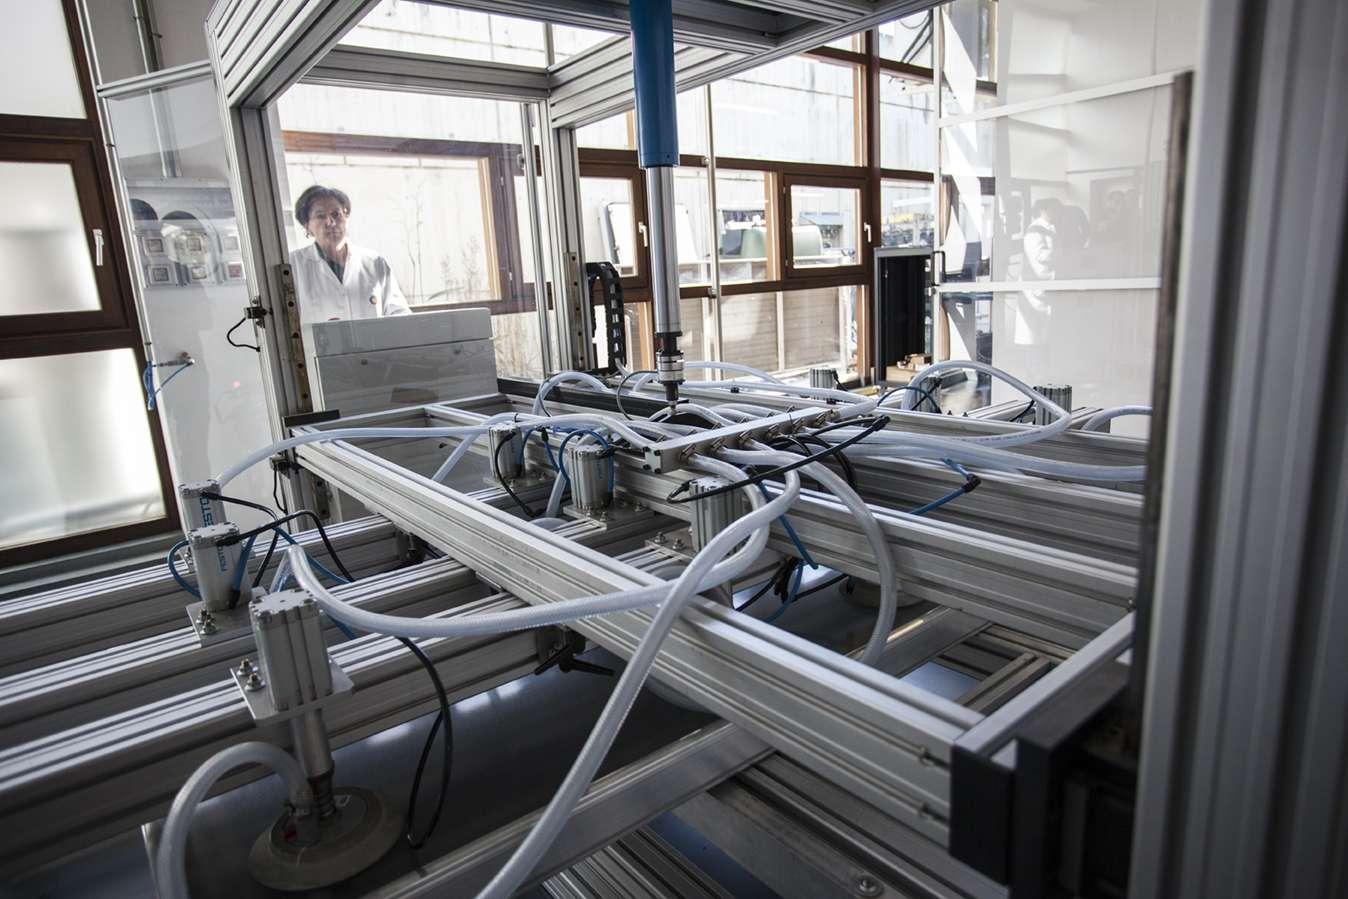 El Laboratorio De Módulos Fotovoltaicos De CENER, Uno De Los Primeros A Nivel Mundial En Conseguir La Acreditación Para Ensayar Según La Nueva Edición De La Norma IEC-61215:2016